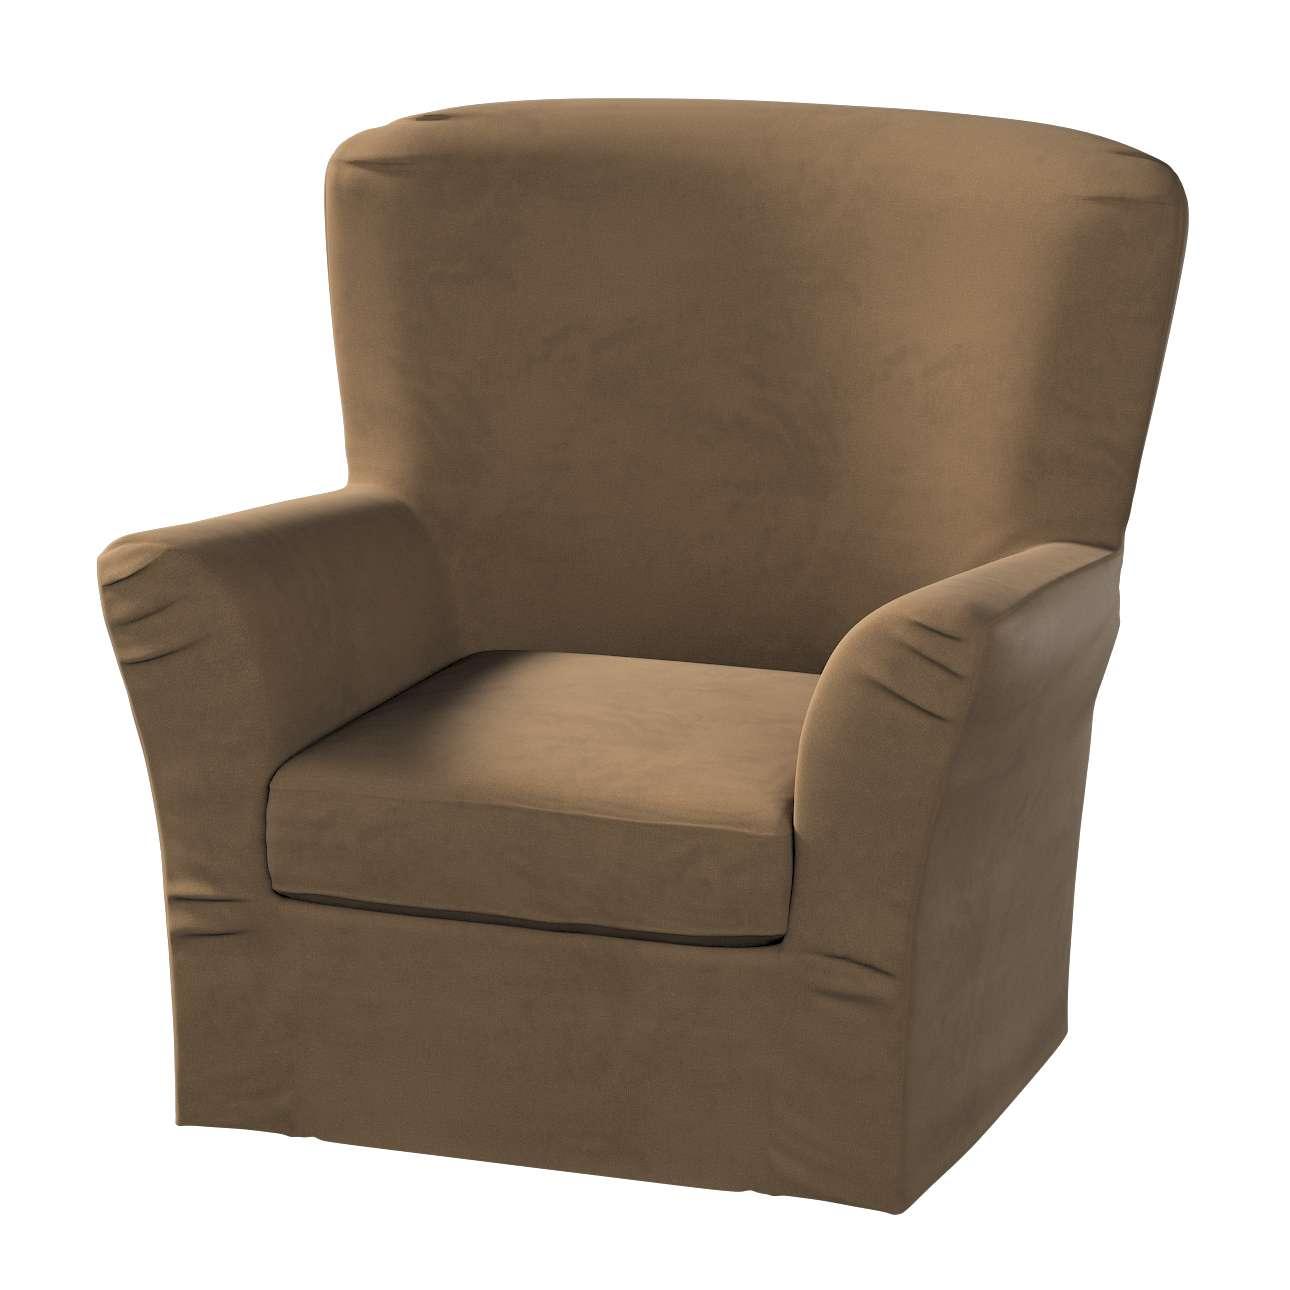 Pokrowiec na fotel Tomelilla z zakładkami w kolekcji Living, tkanina: 160-94